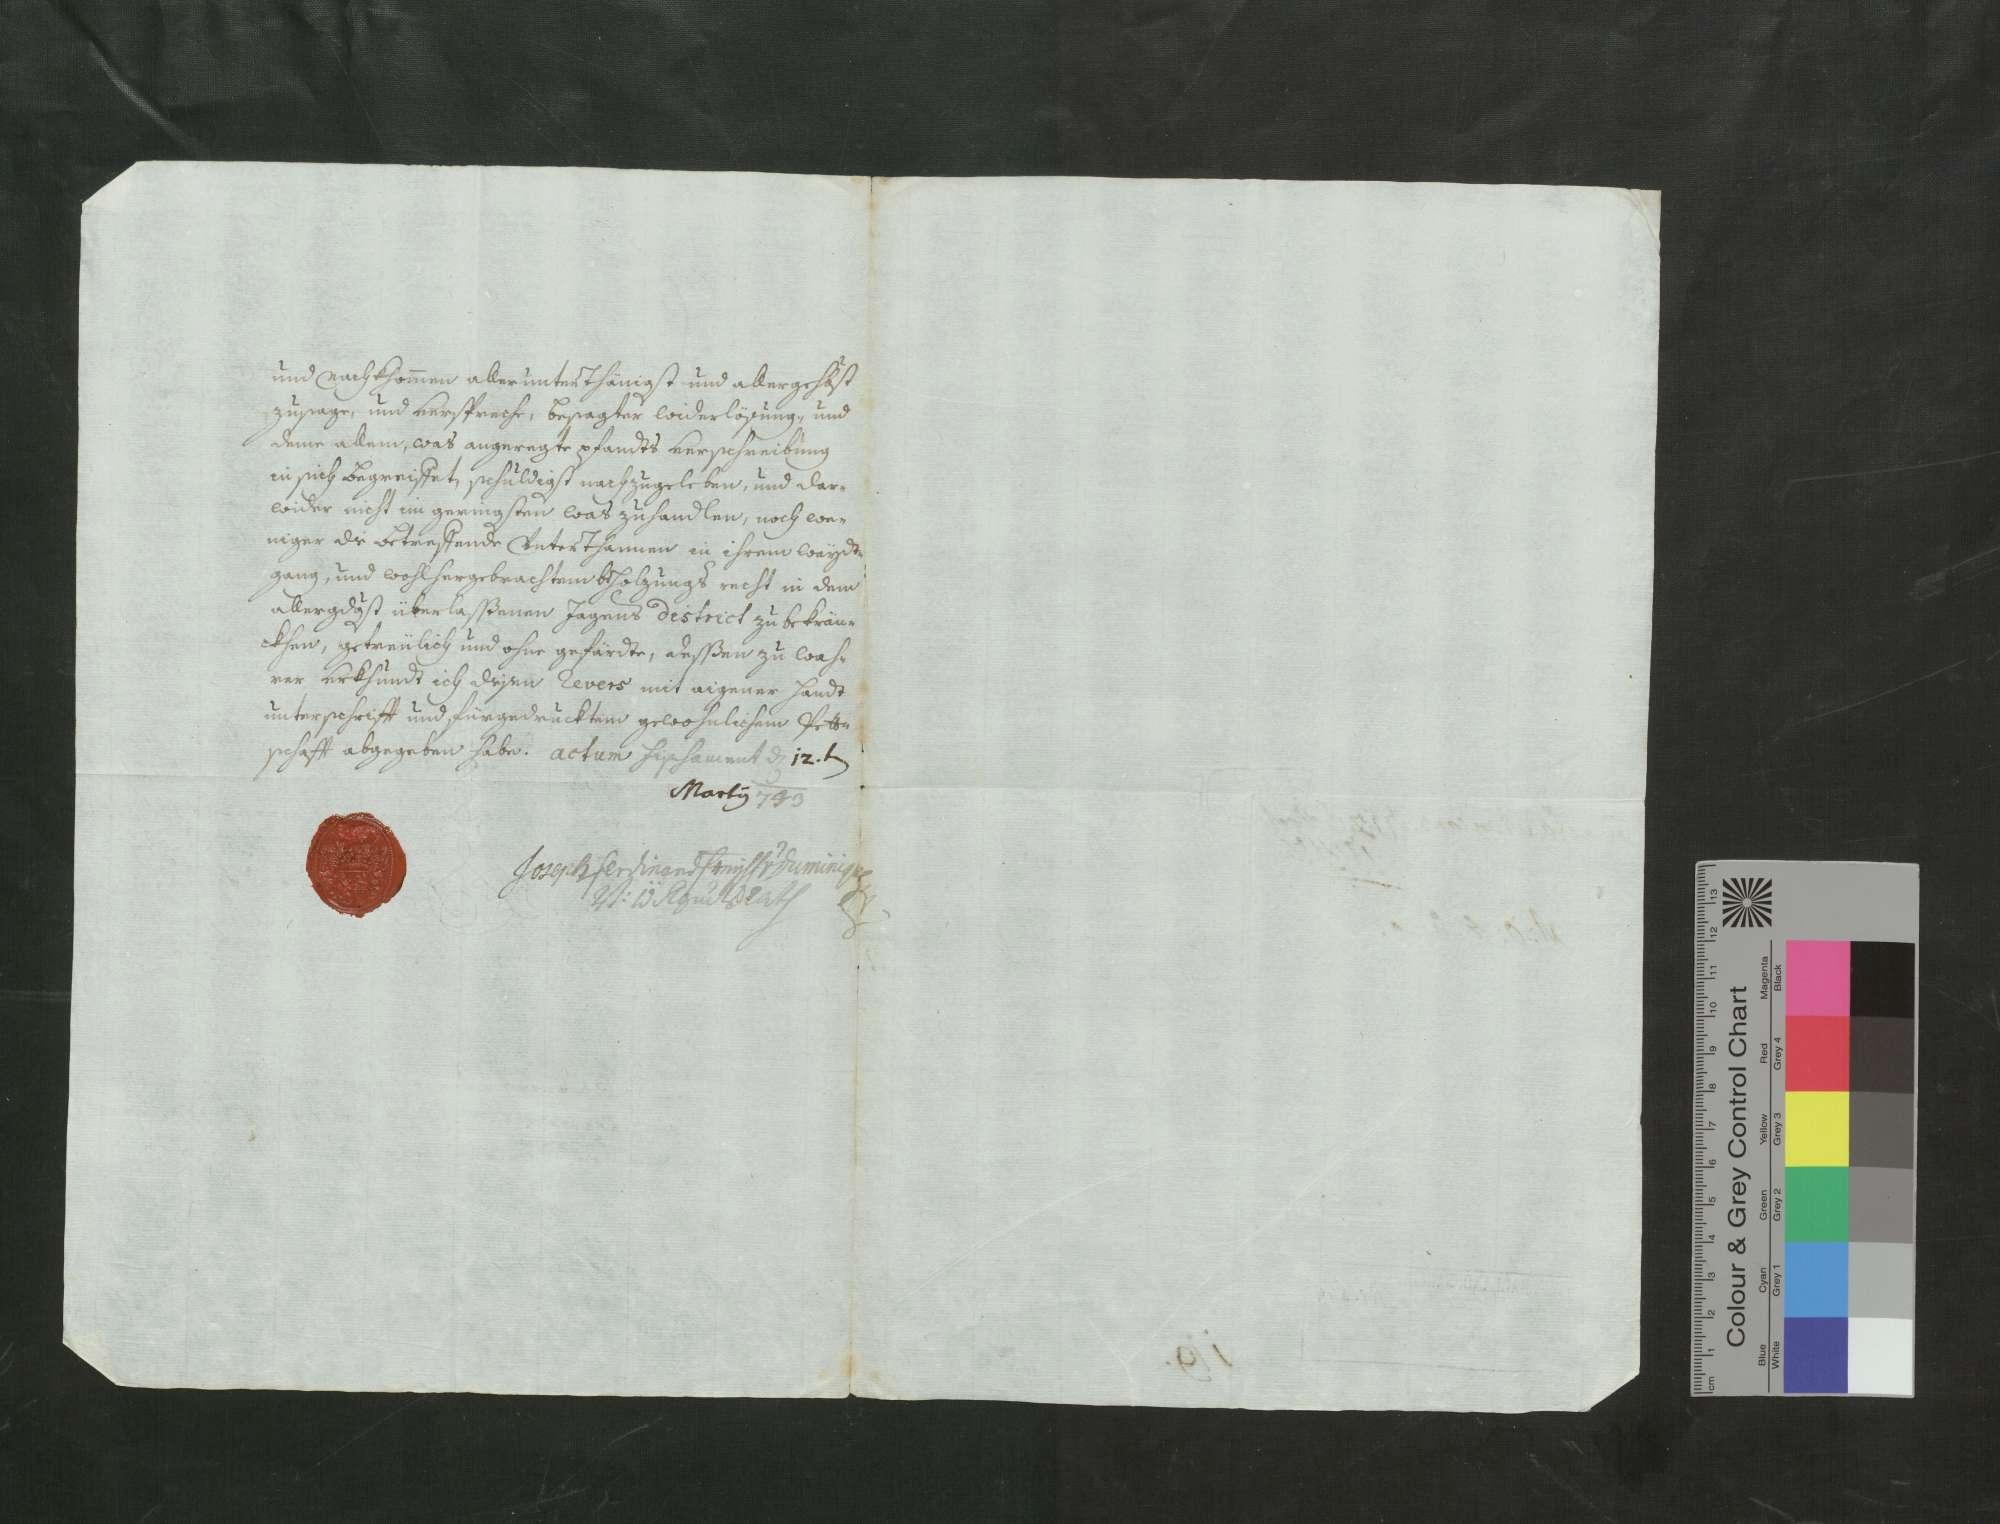 Freiherr Josef von Duminique, vorderösterreichischer Regimentsrat, leiht von der Regierung die Jagdgerechtigkeit im Bann von Bombach auf zwanzig Jahre um 500 Gulden., Bild 2